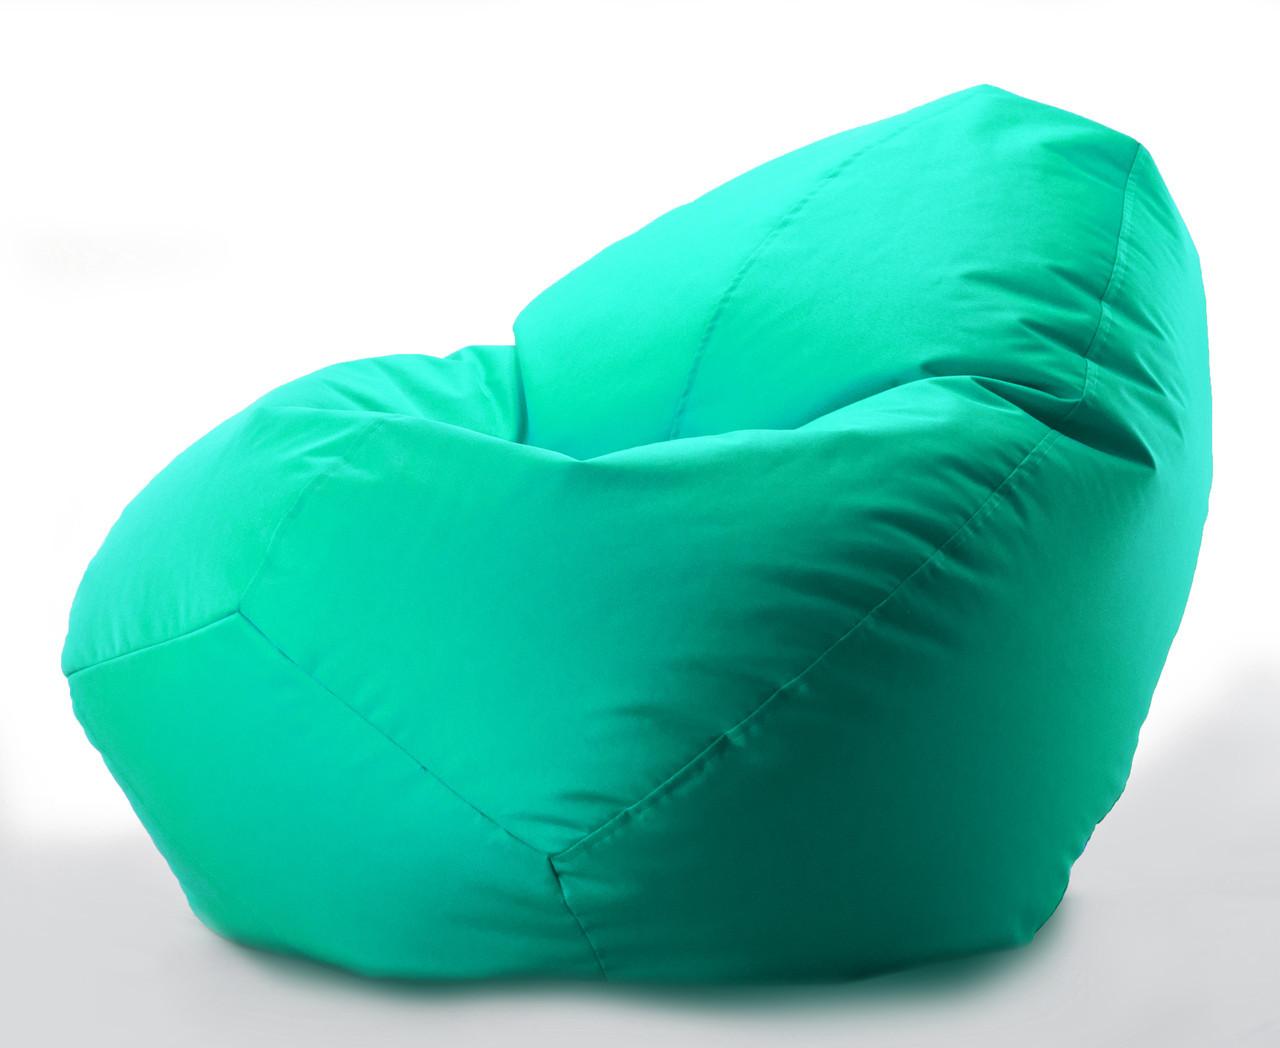 Овальне крісло - мішок груша Оксфорд 300 D 85*105 див. З додатковим чохлом